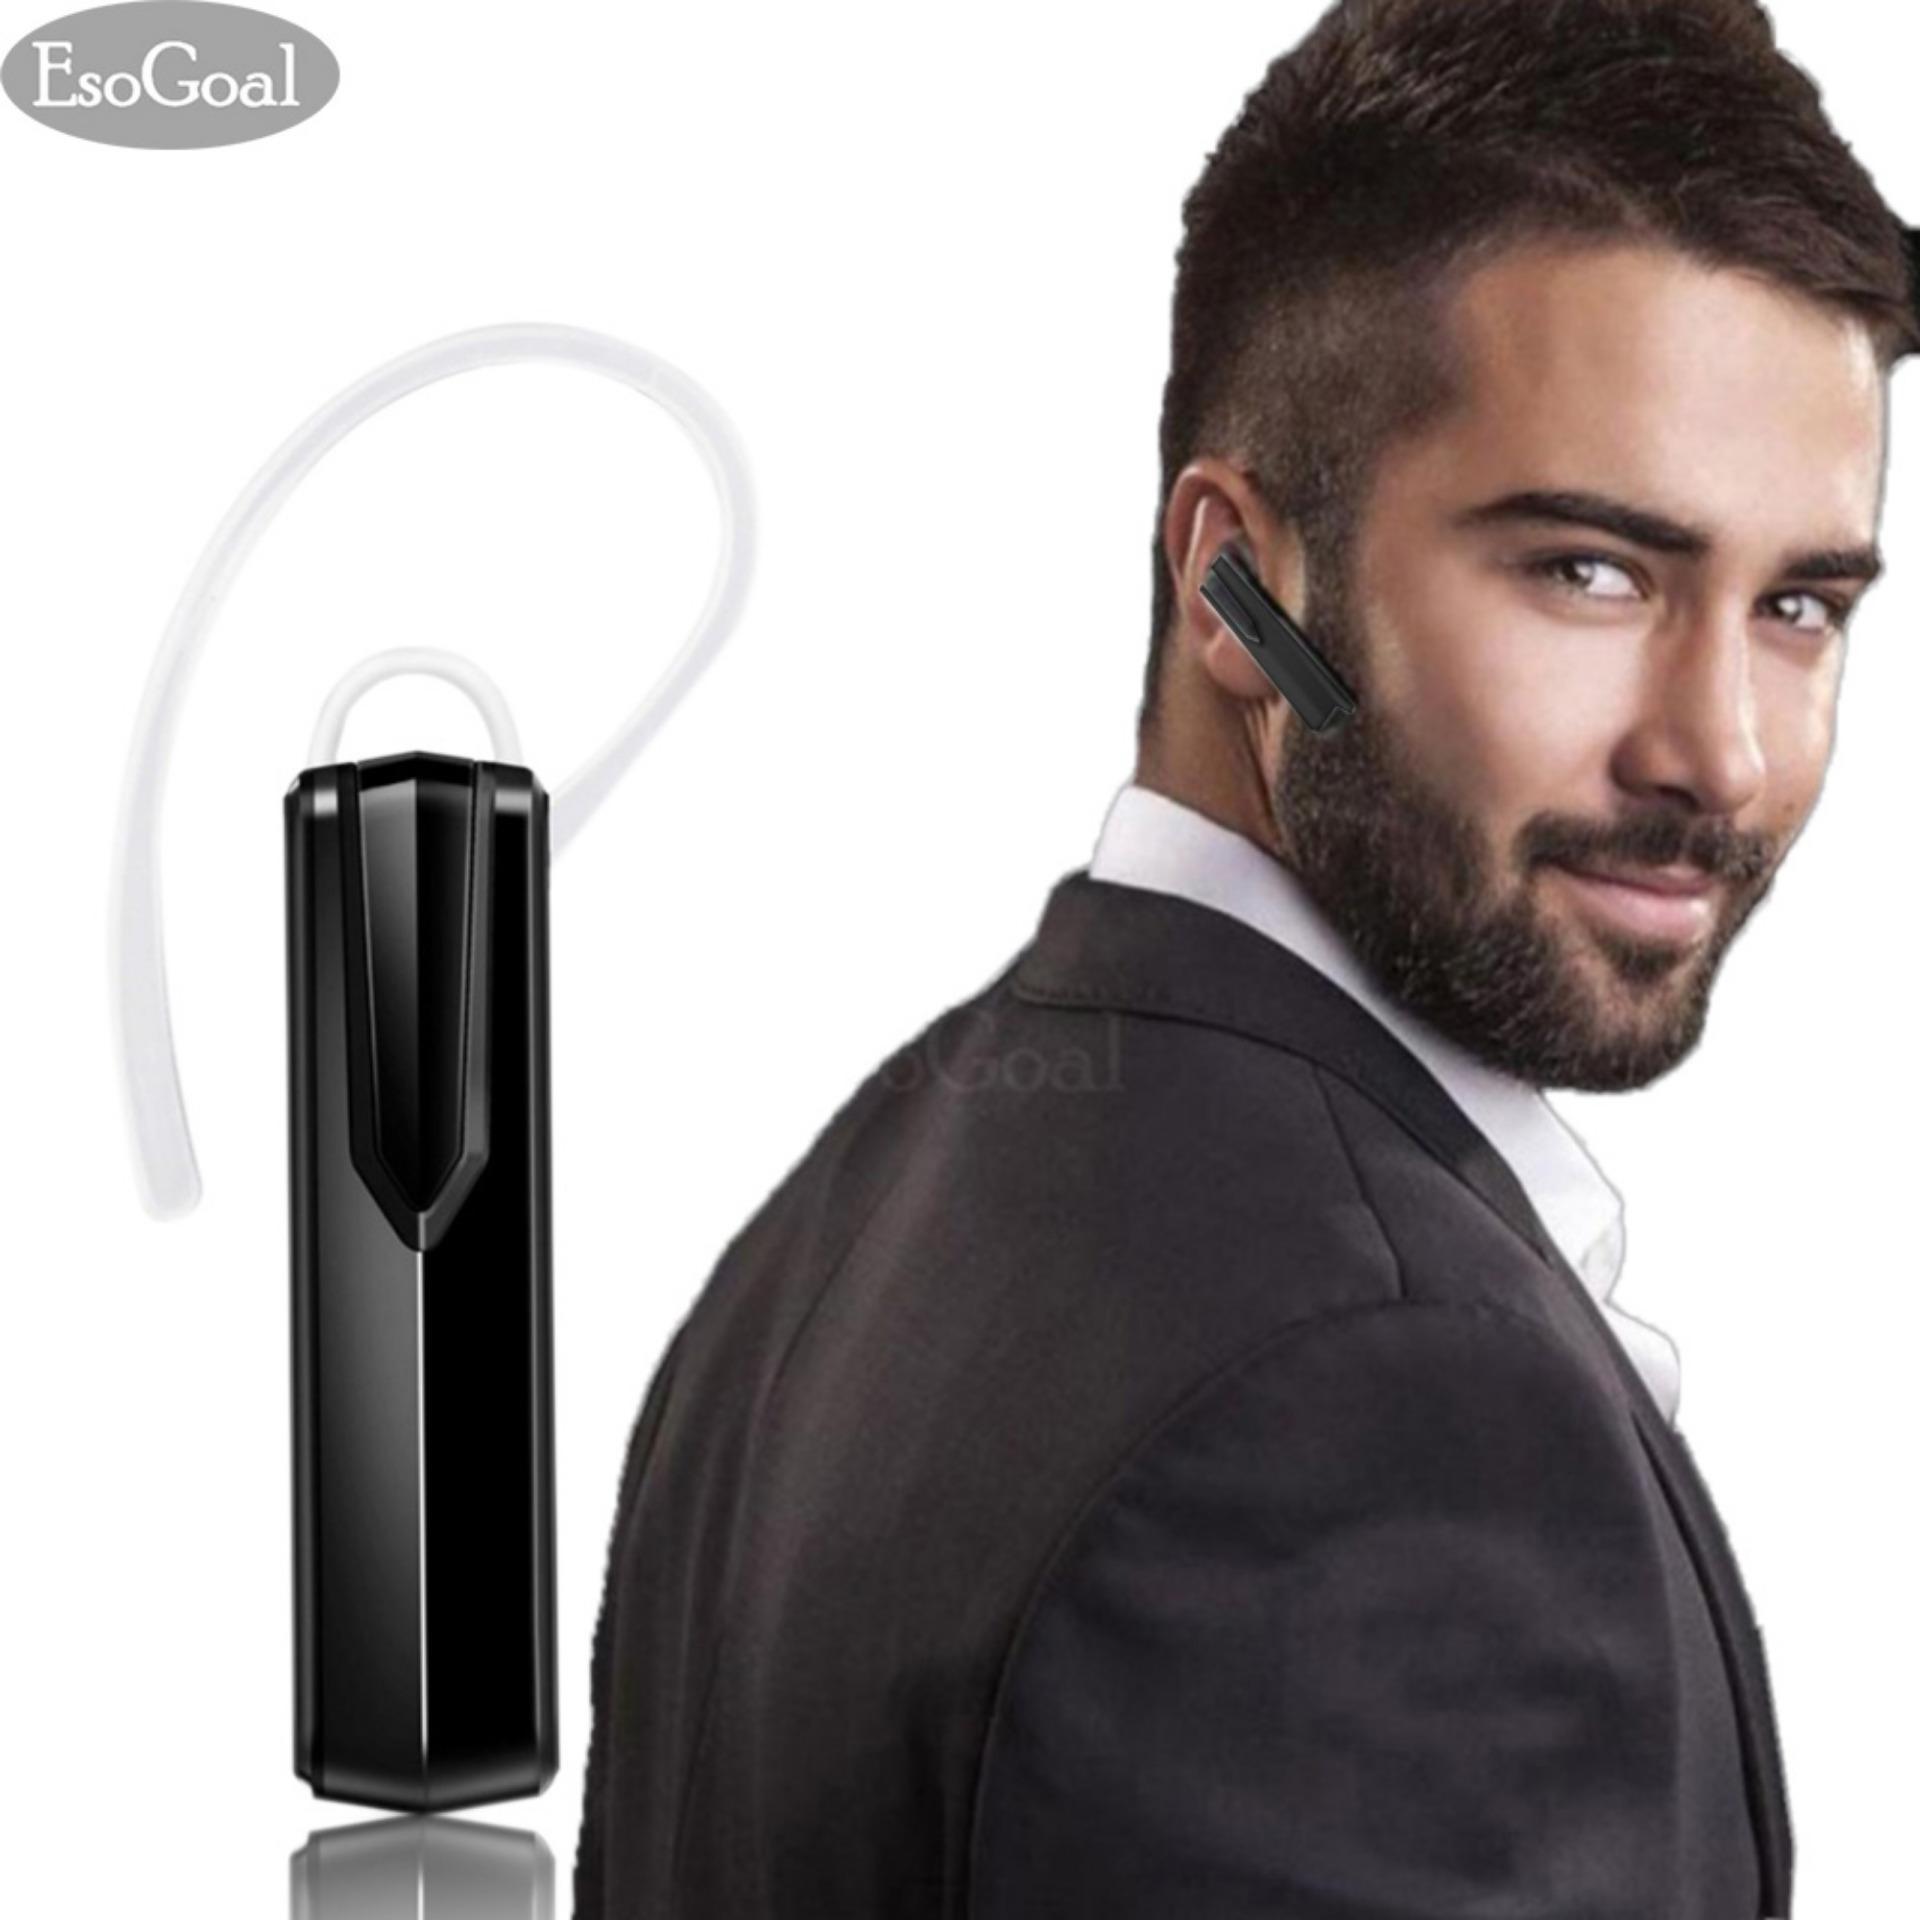 Beli Esogoal Headphone Headset Bluetooth Wireless Dengan Mic Handsfree Earpiece Untuk Iphone Kebanyakan Smart Ponsel Android Intl Esogoal Dengan Harga Terjangkau